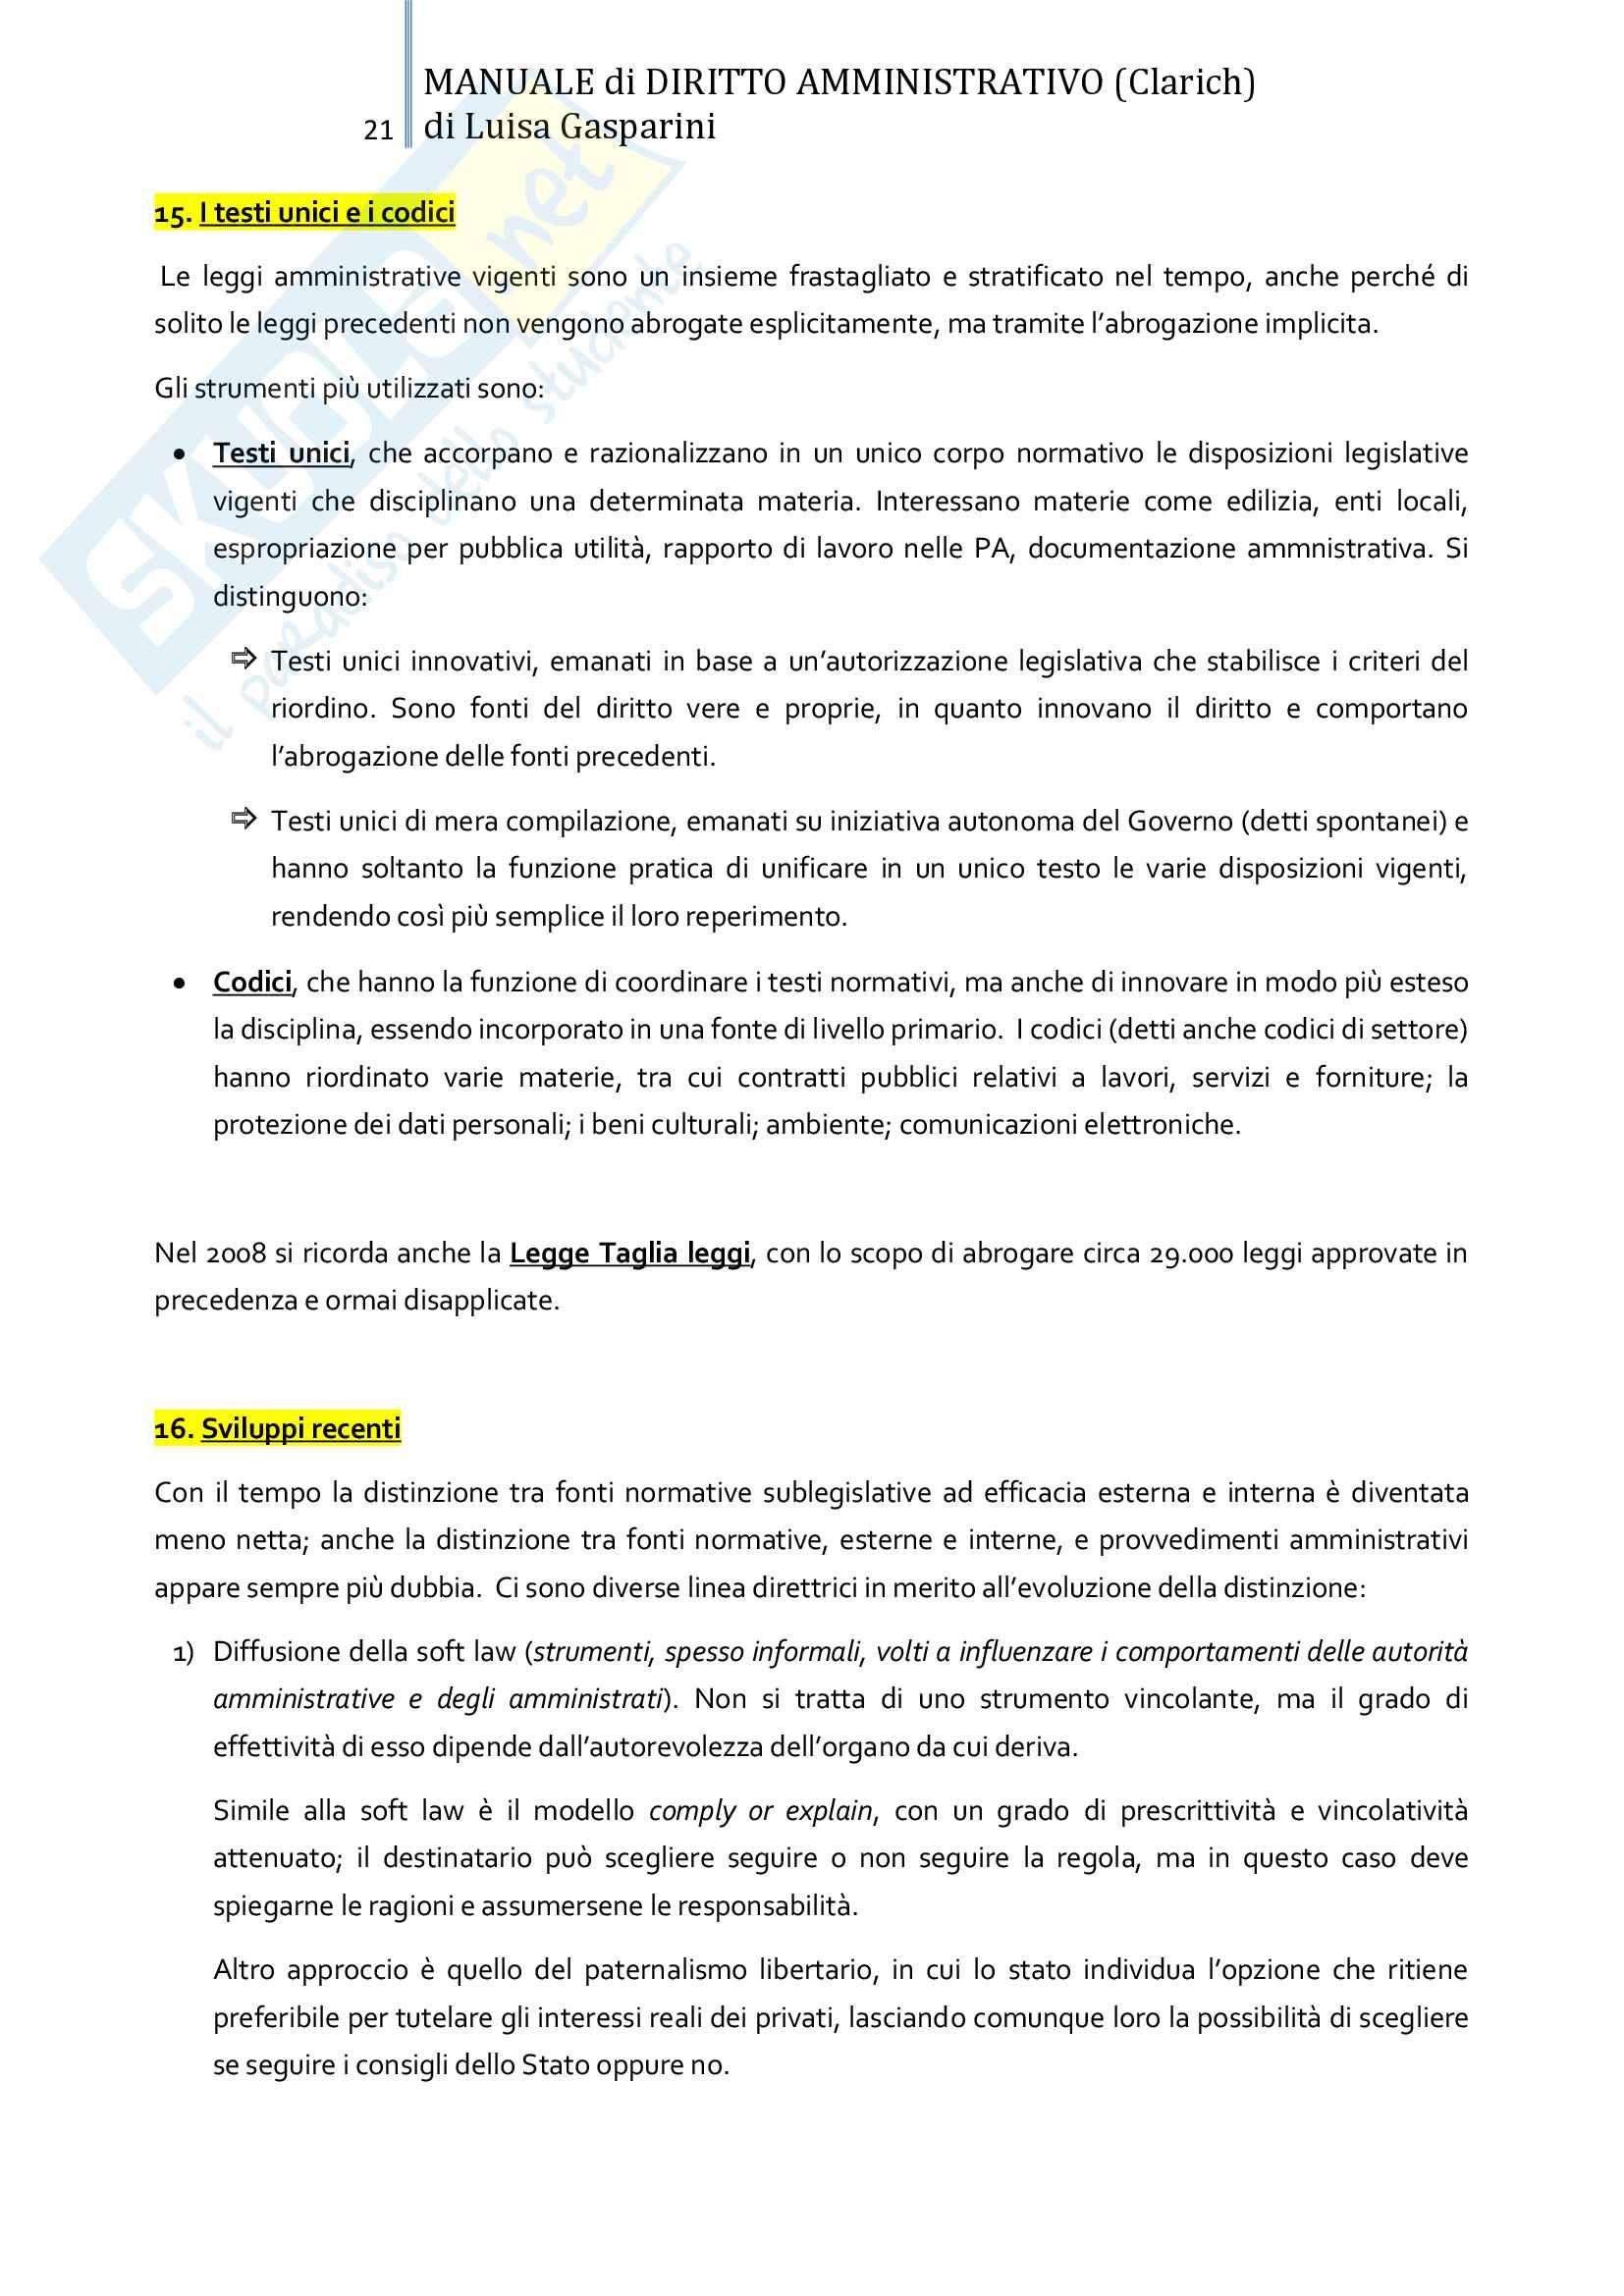 Riassunto esame Diritto amministrativo, professor Leonardi. Testo consigliato Manuale di Diritto Amministrativo, Clarich Pag. 21